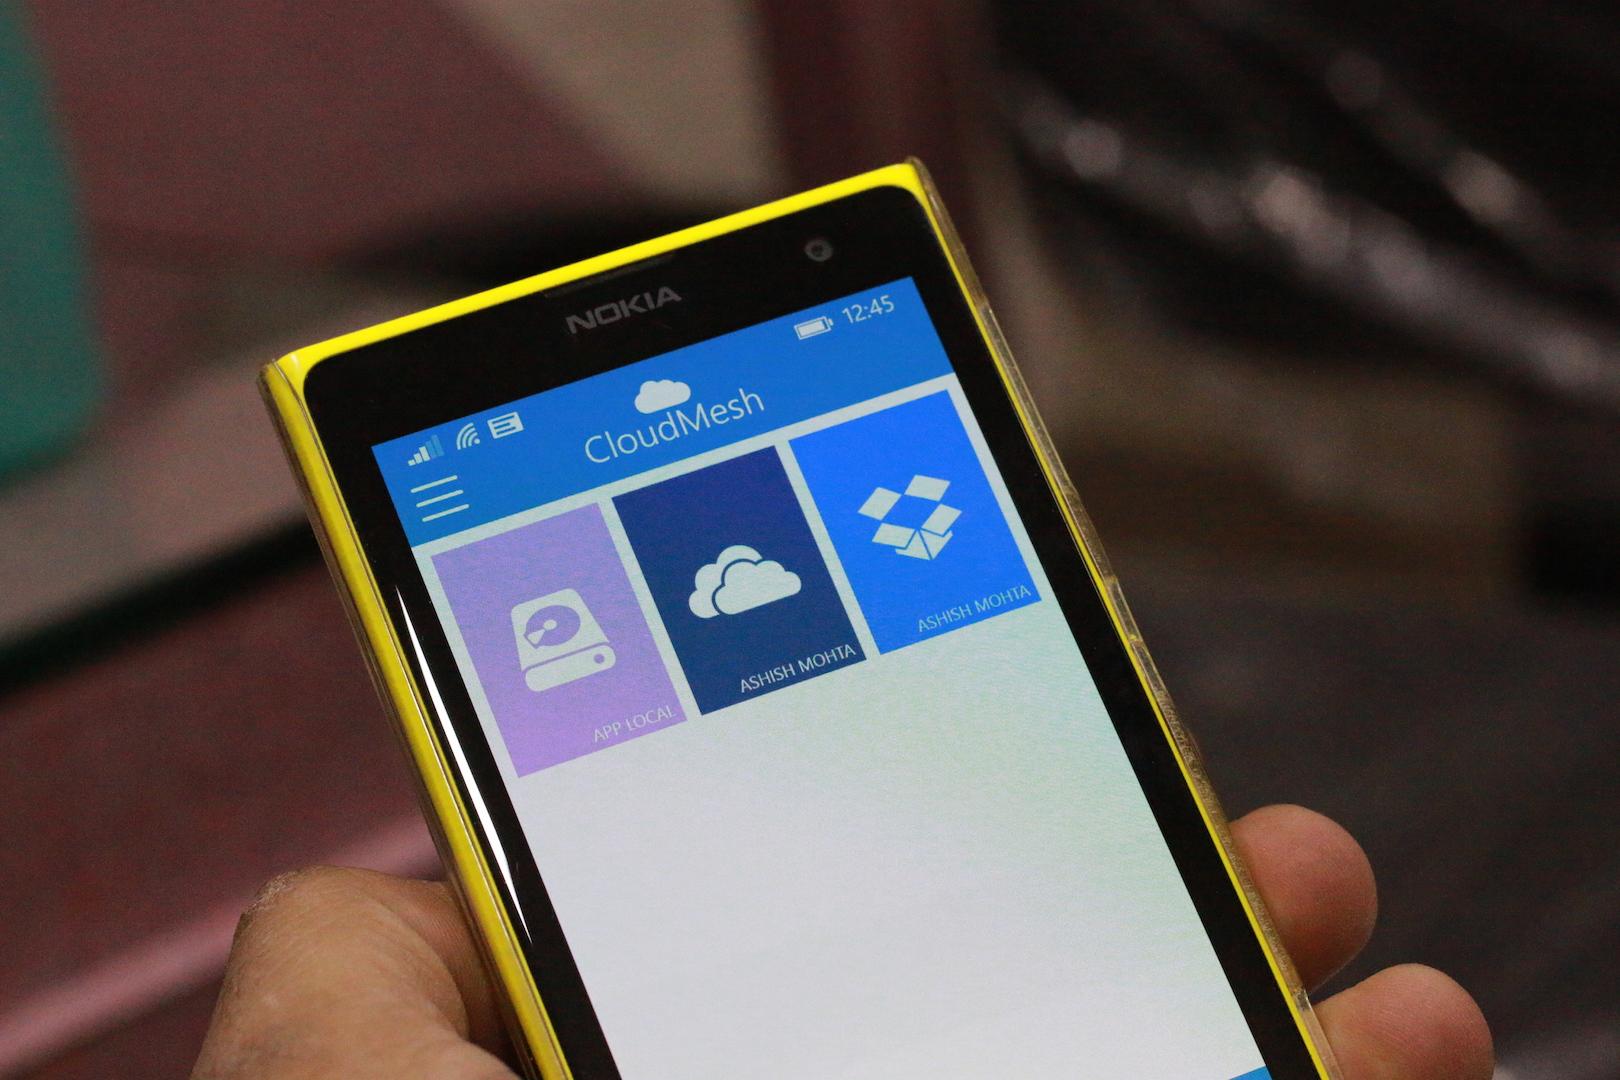 Scarica CloudMesh per Windows Phone 1